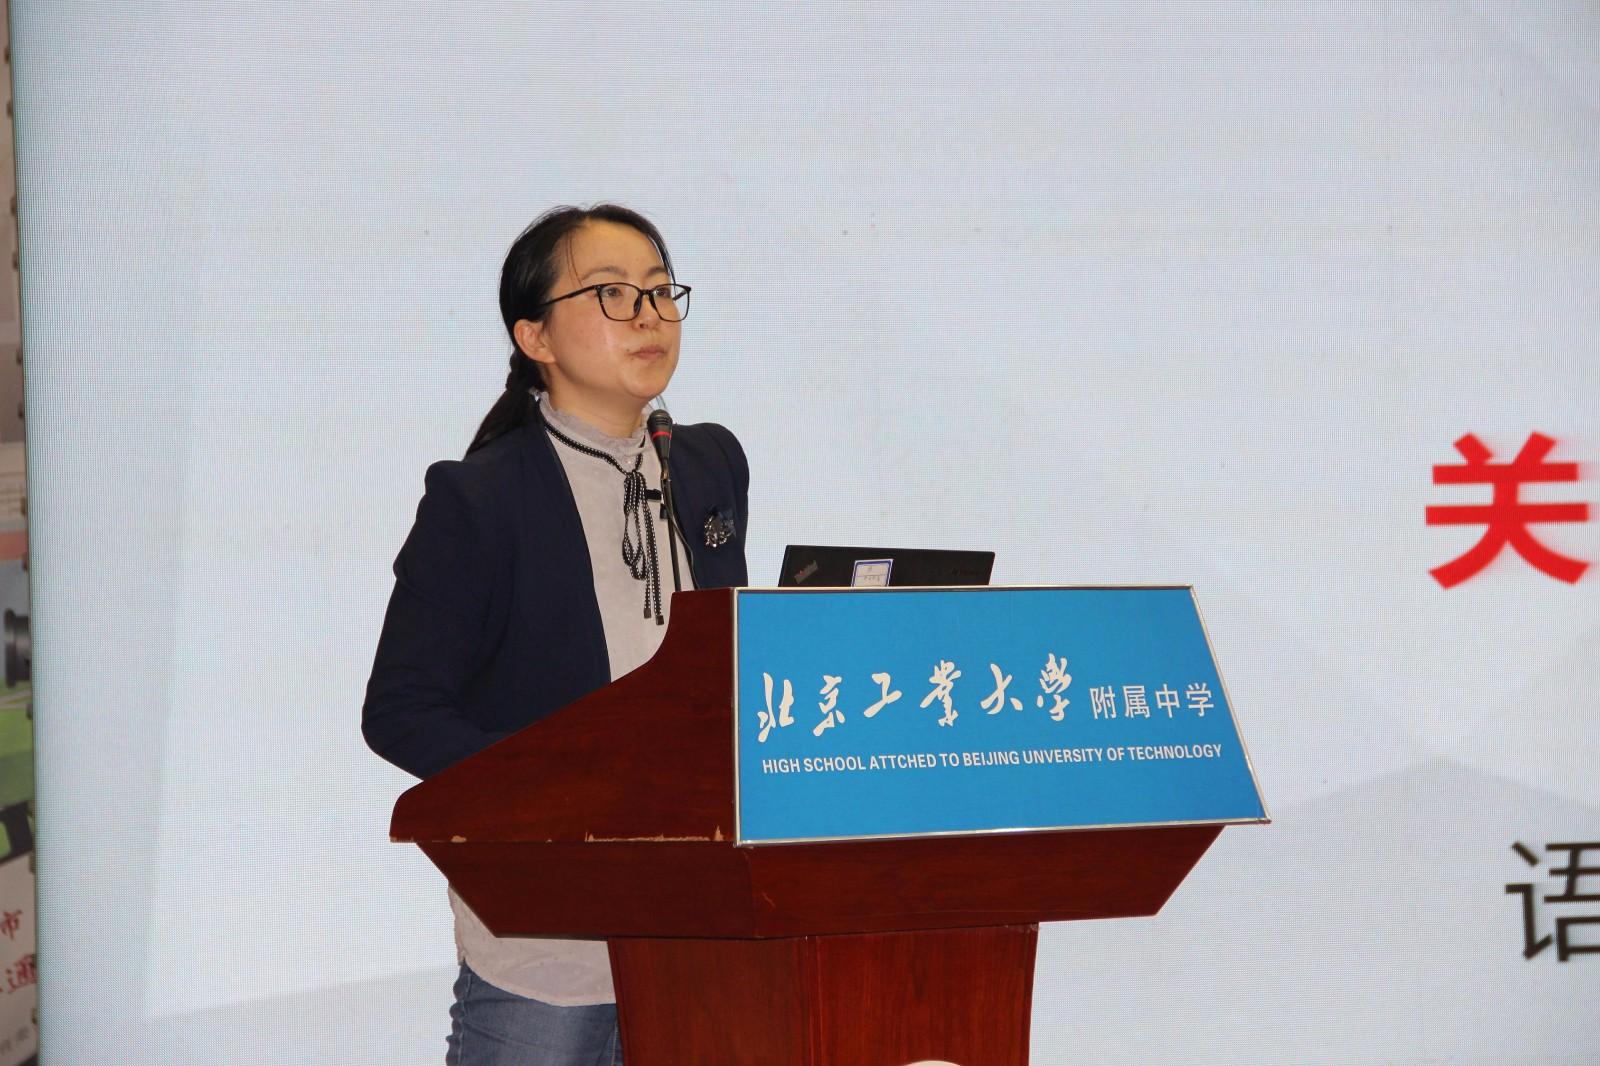 澳门市朝阳区教育研究中心老师发言.jpg